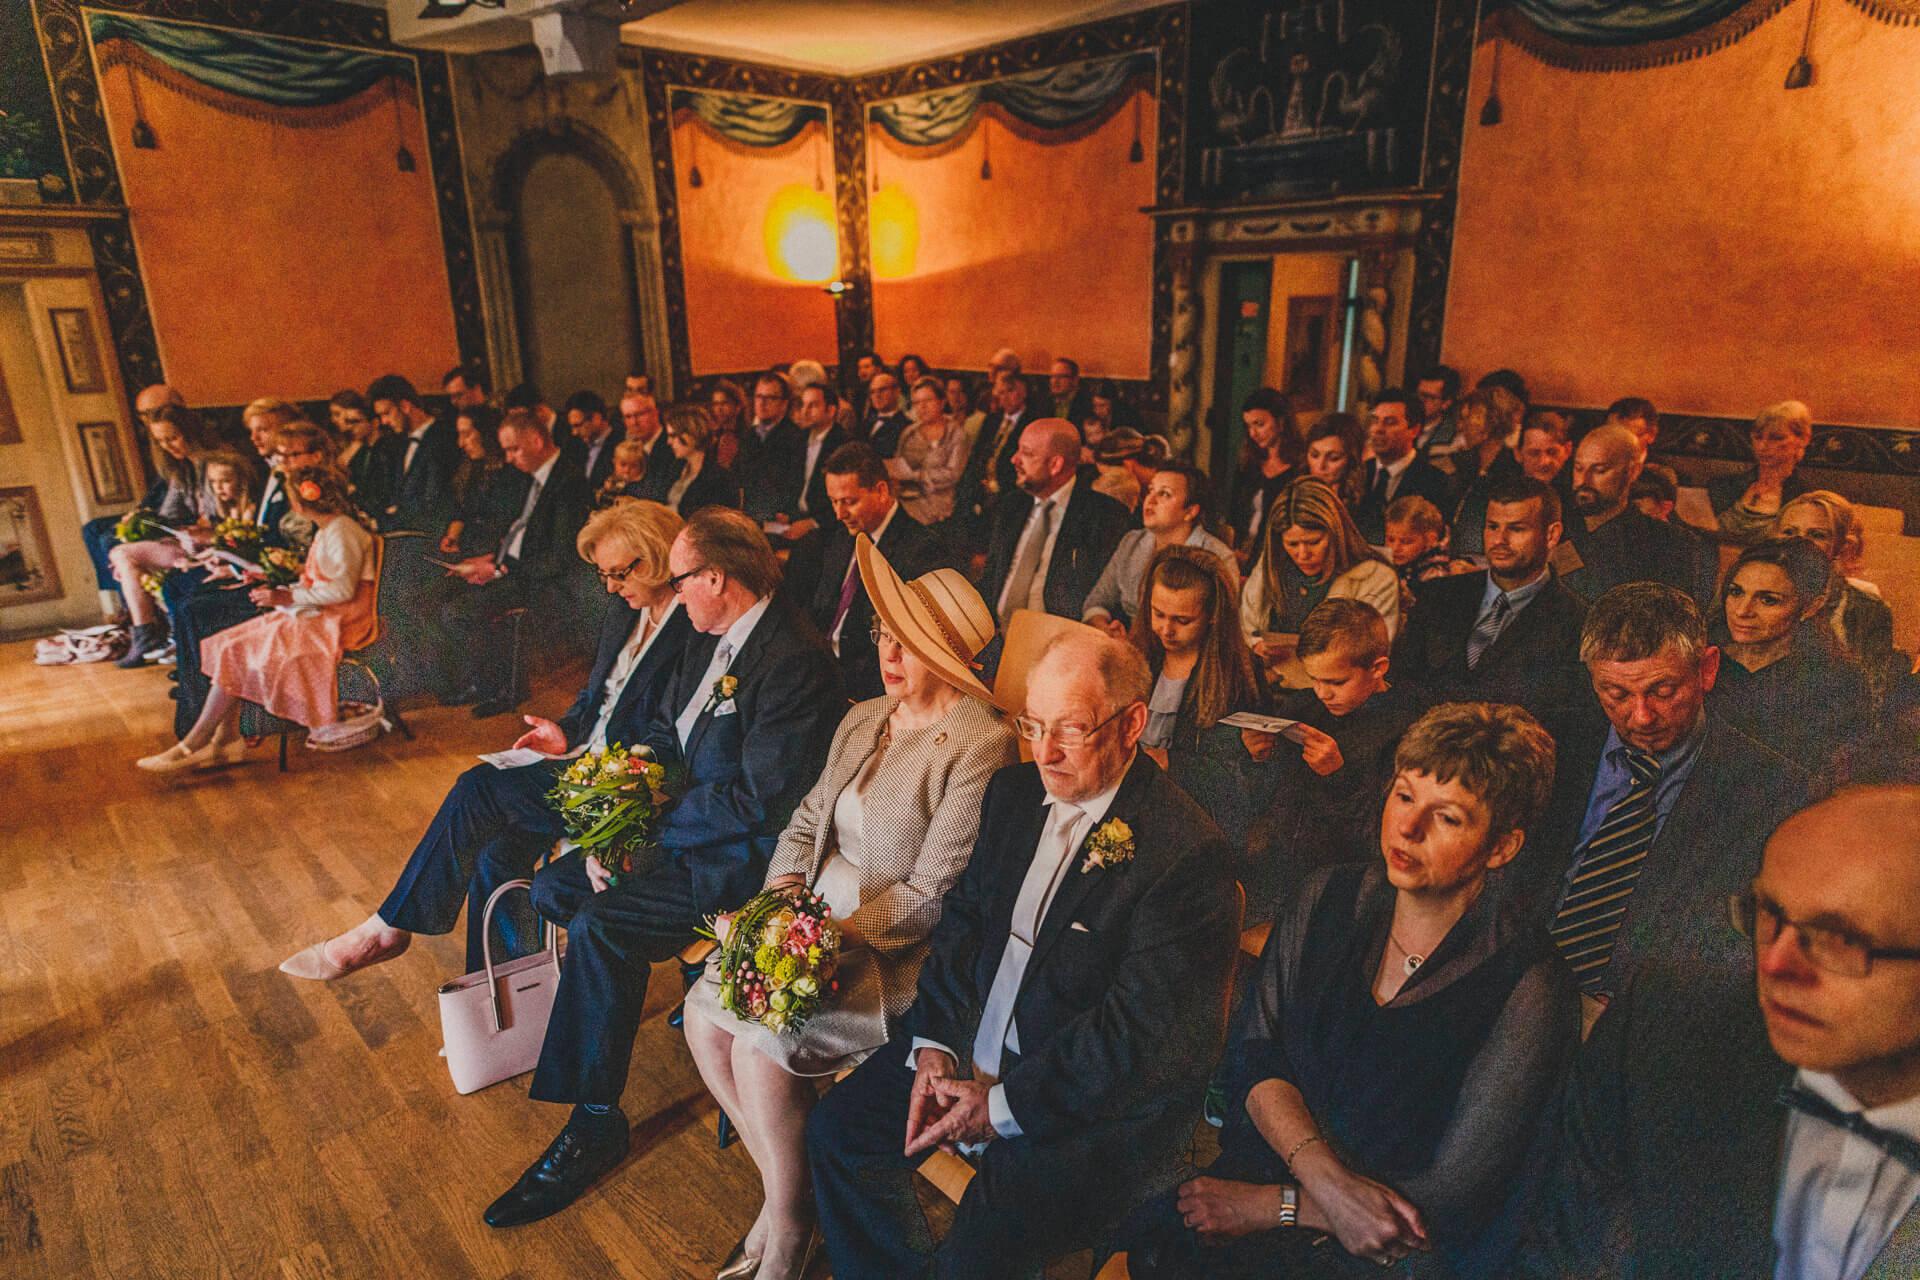 Hochzeitsfotograf Hofgut Friedelhausen - Trauung im alten Rittersaal - Einzigartige gefühlvolle Hochzeitsbilder